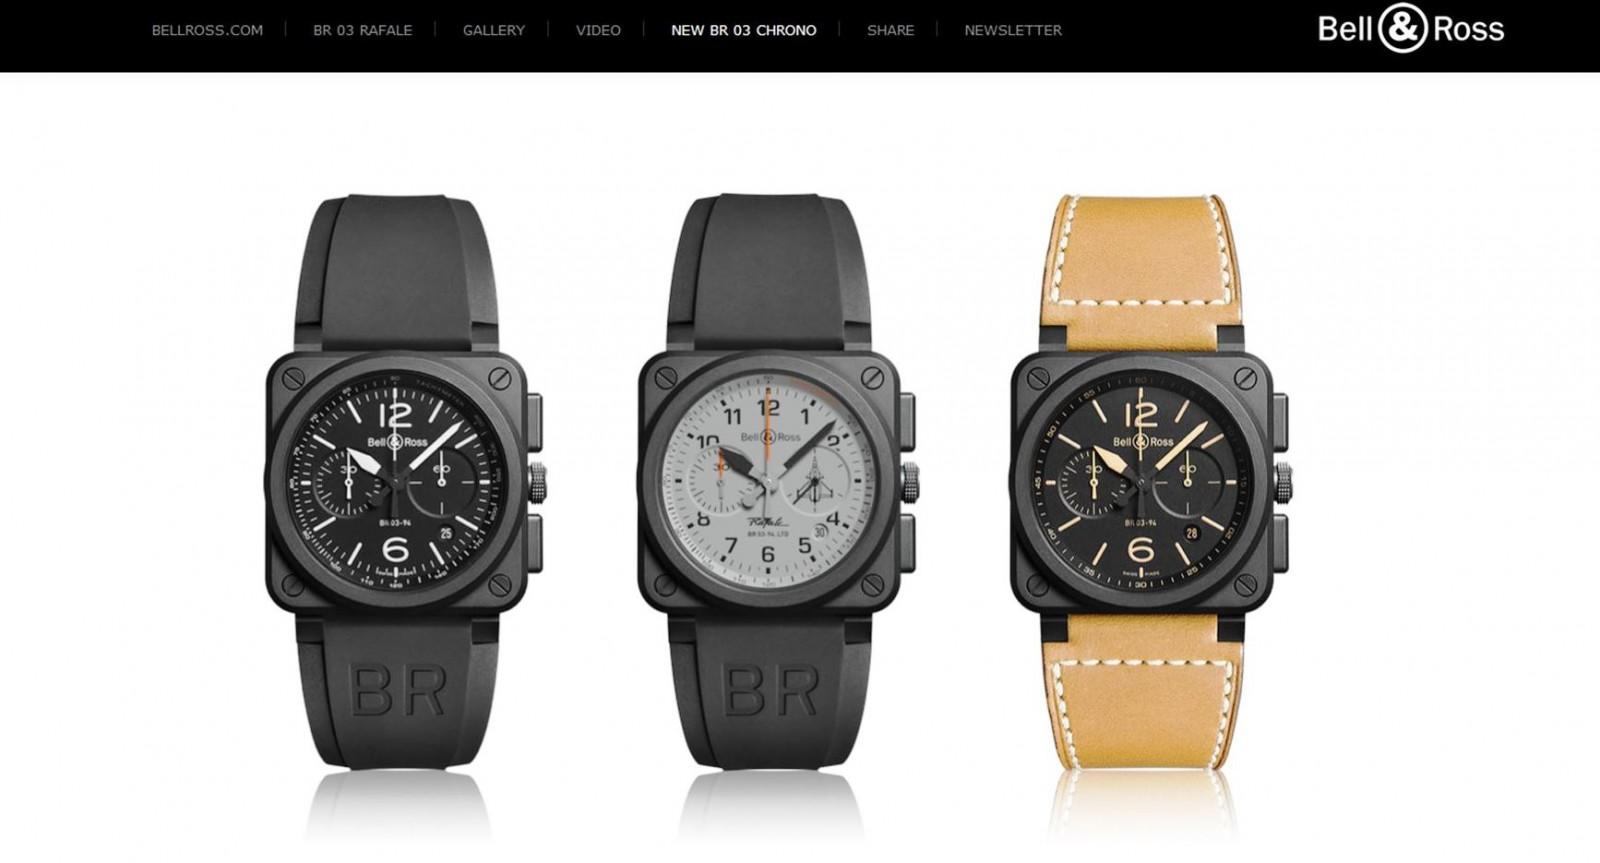 2015 Bell & Ross BR03 RAFALE 21